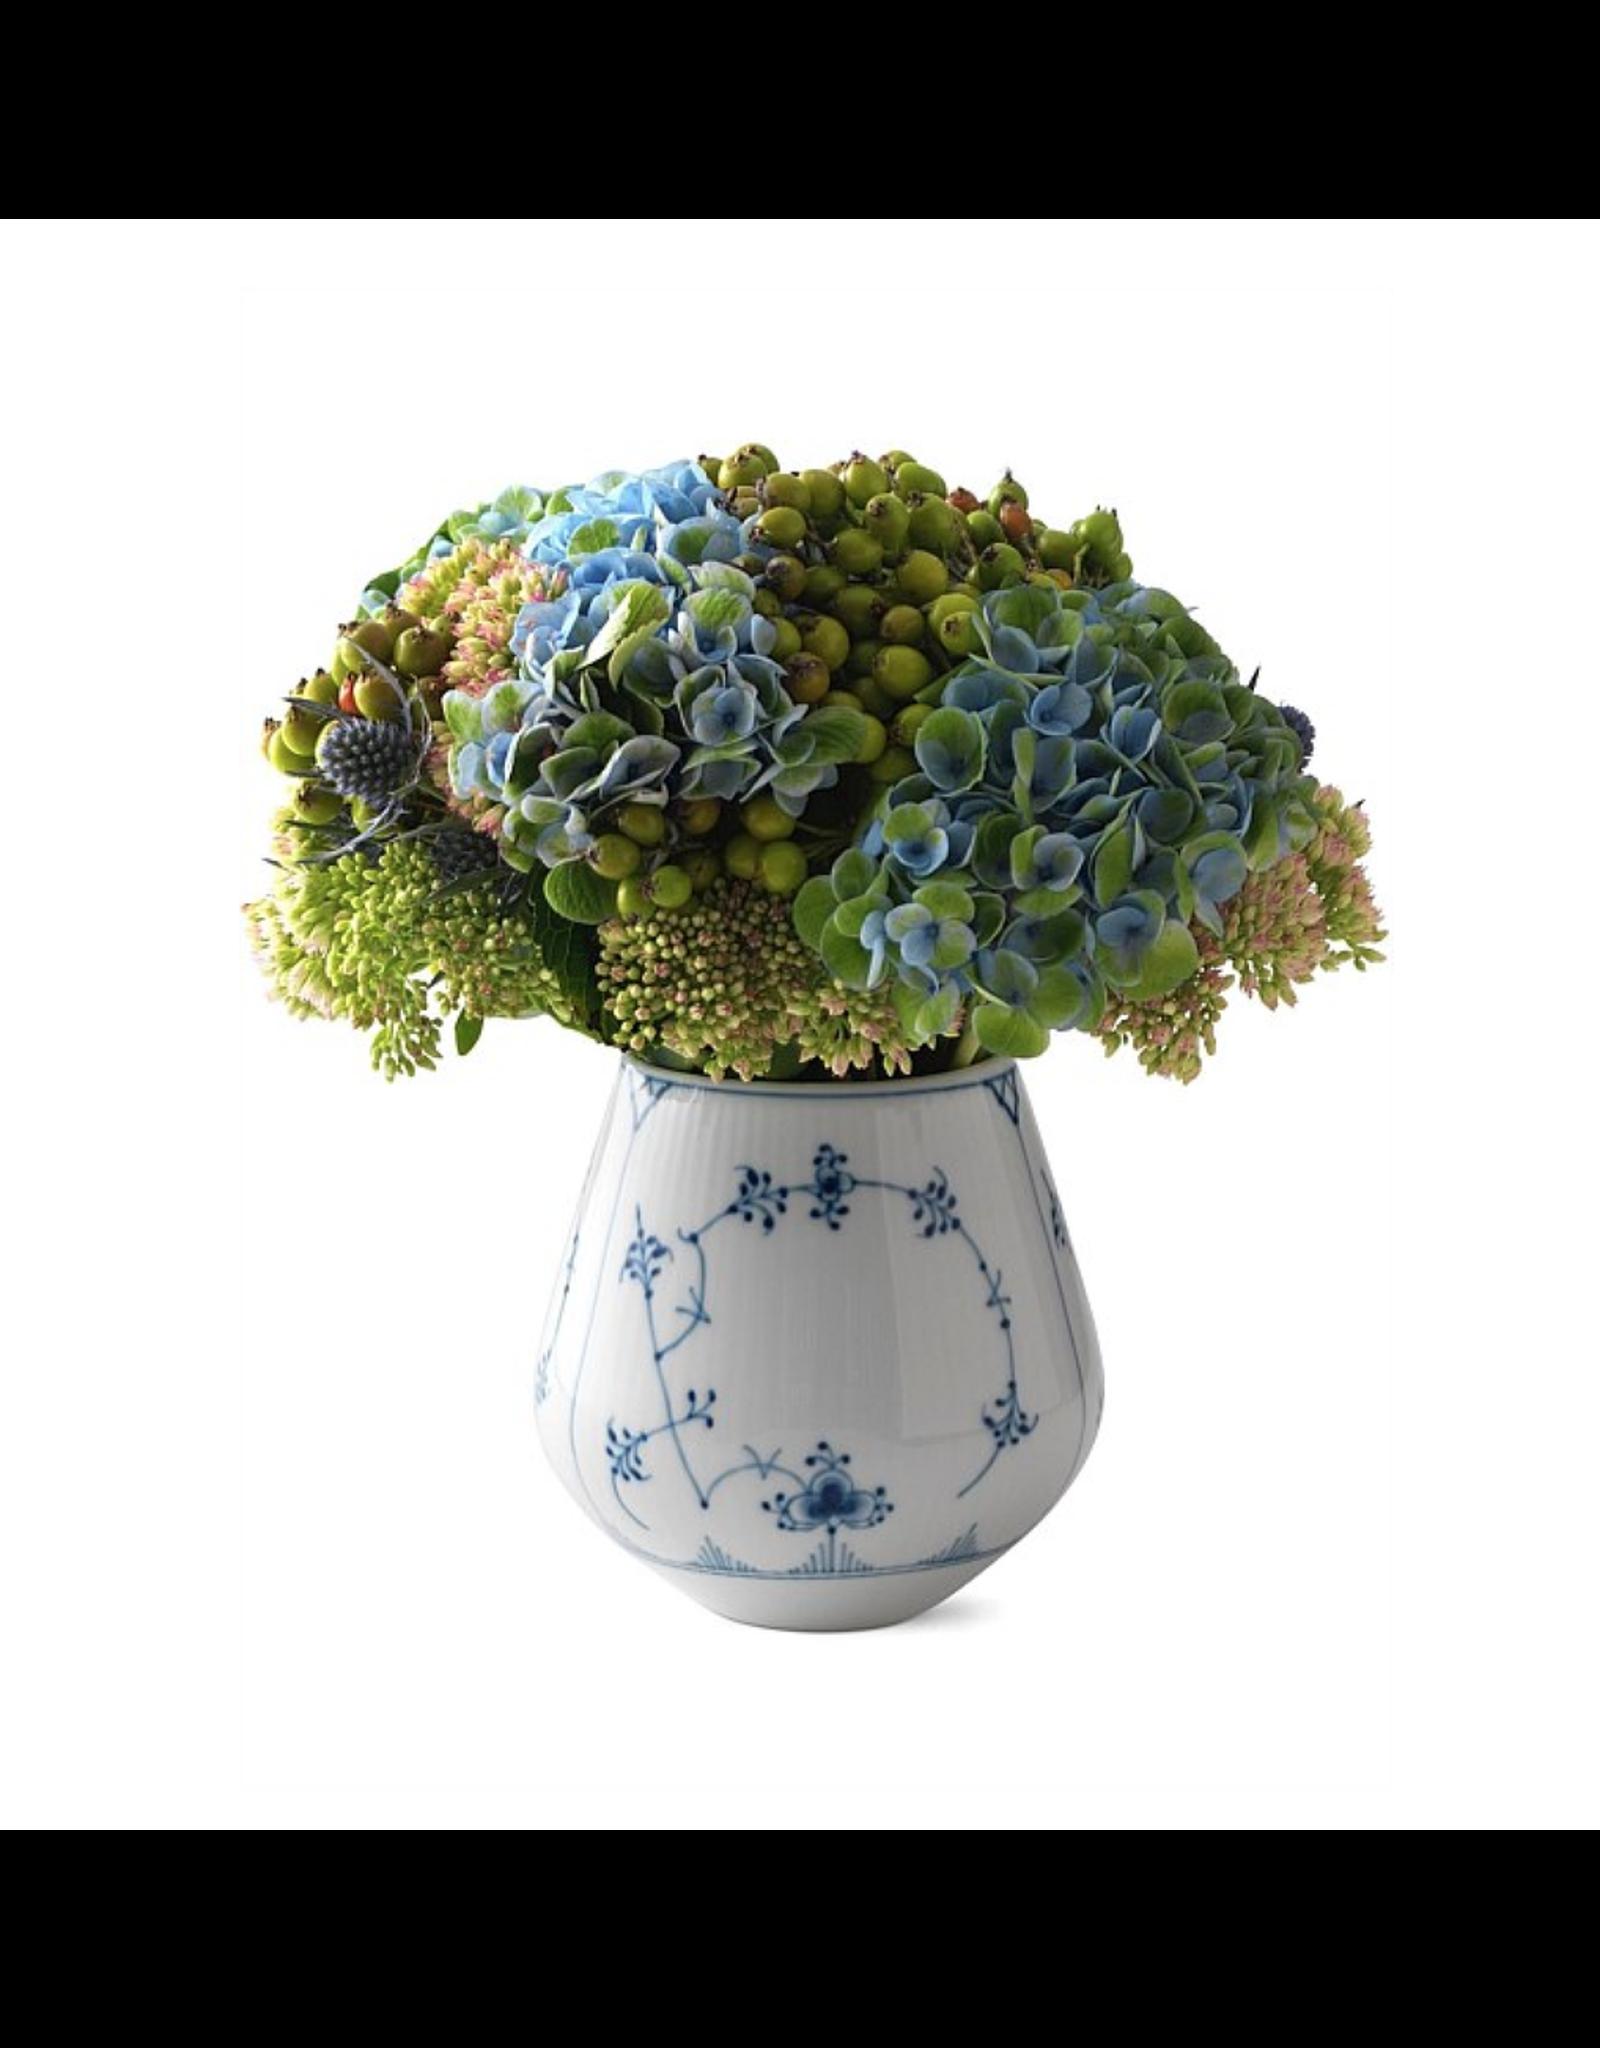 皇家哥本哈根BLUE FLUTE PLAIN藍花紋花瓶